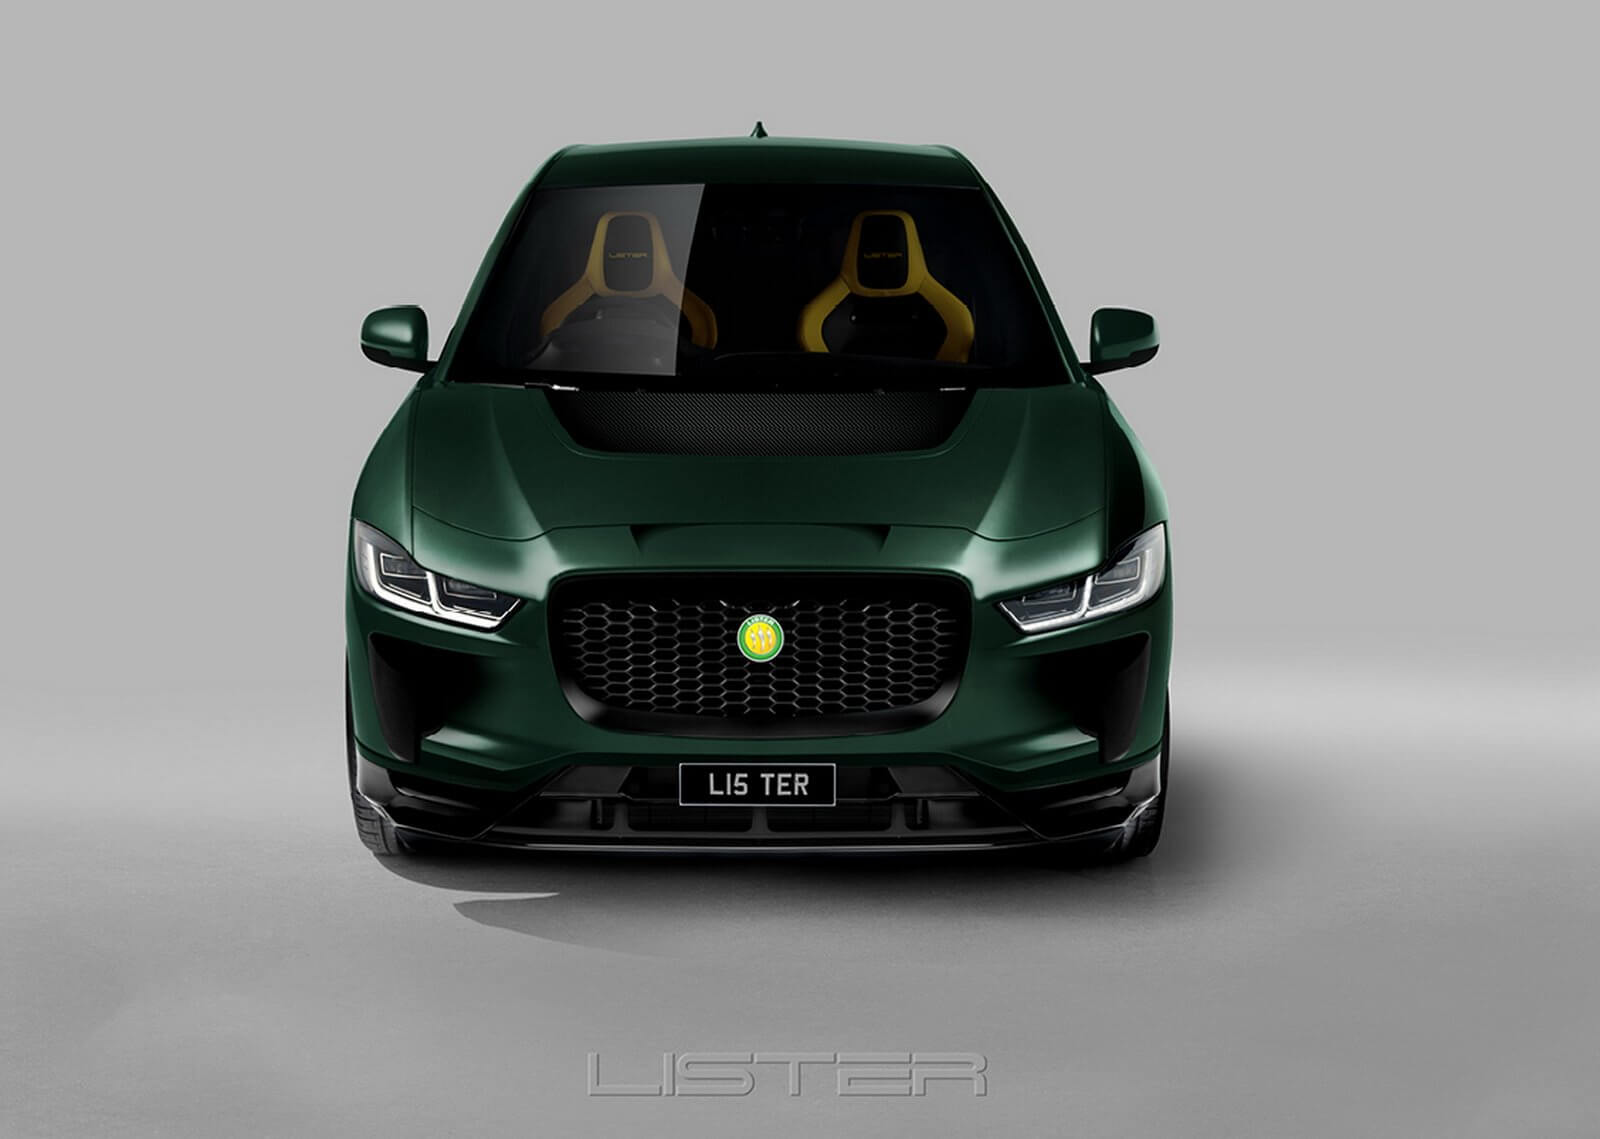 Jaguar I-Pace Lister: frontal.